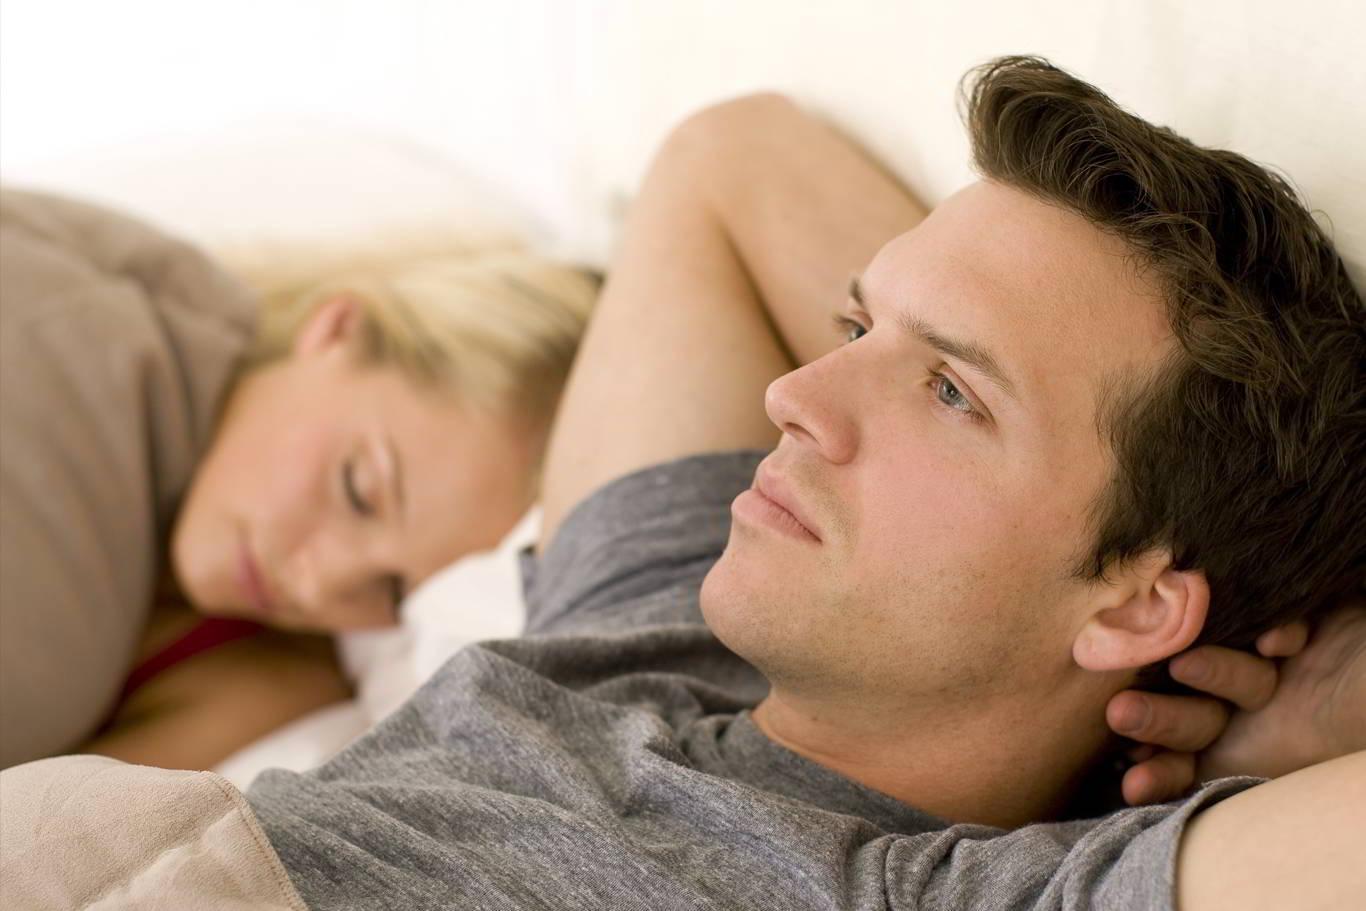 L'infertilità maschile può essere prevenuta?